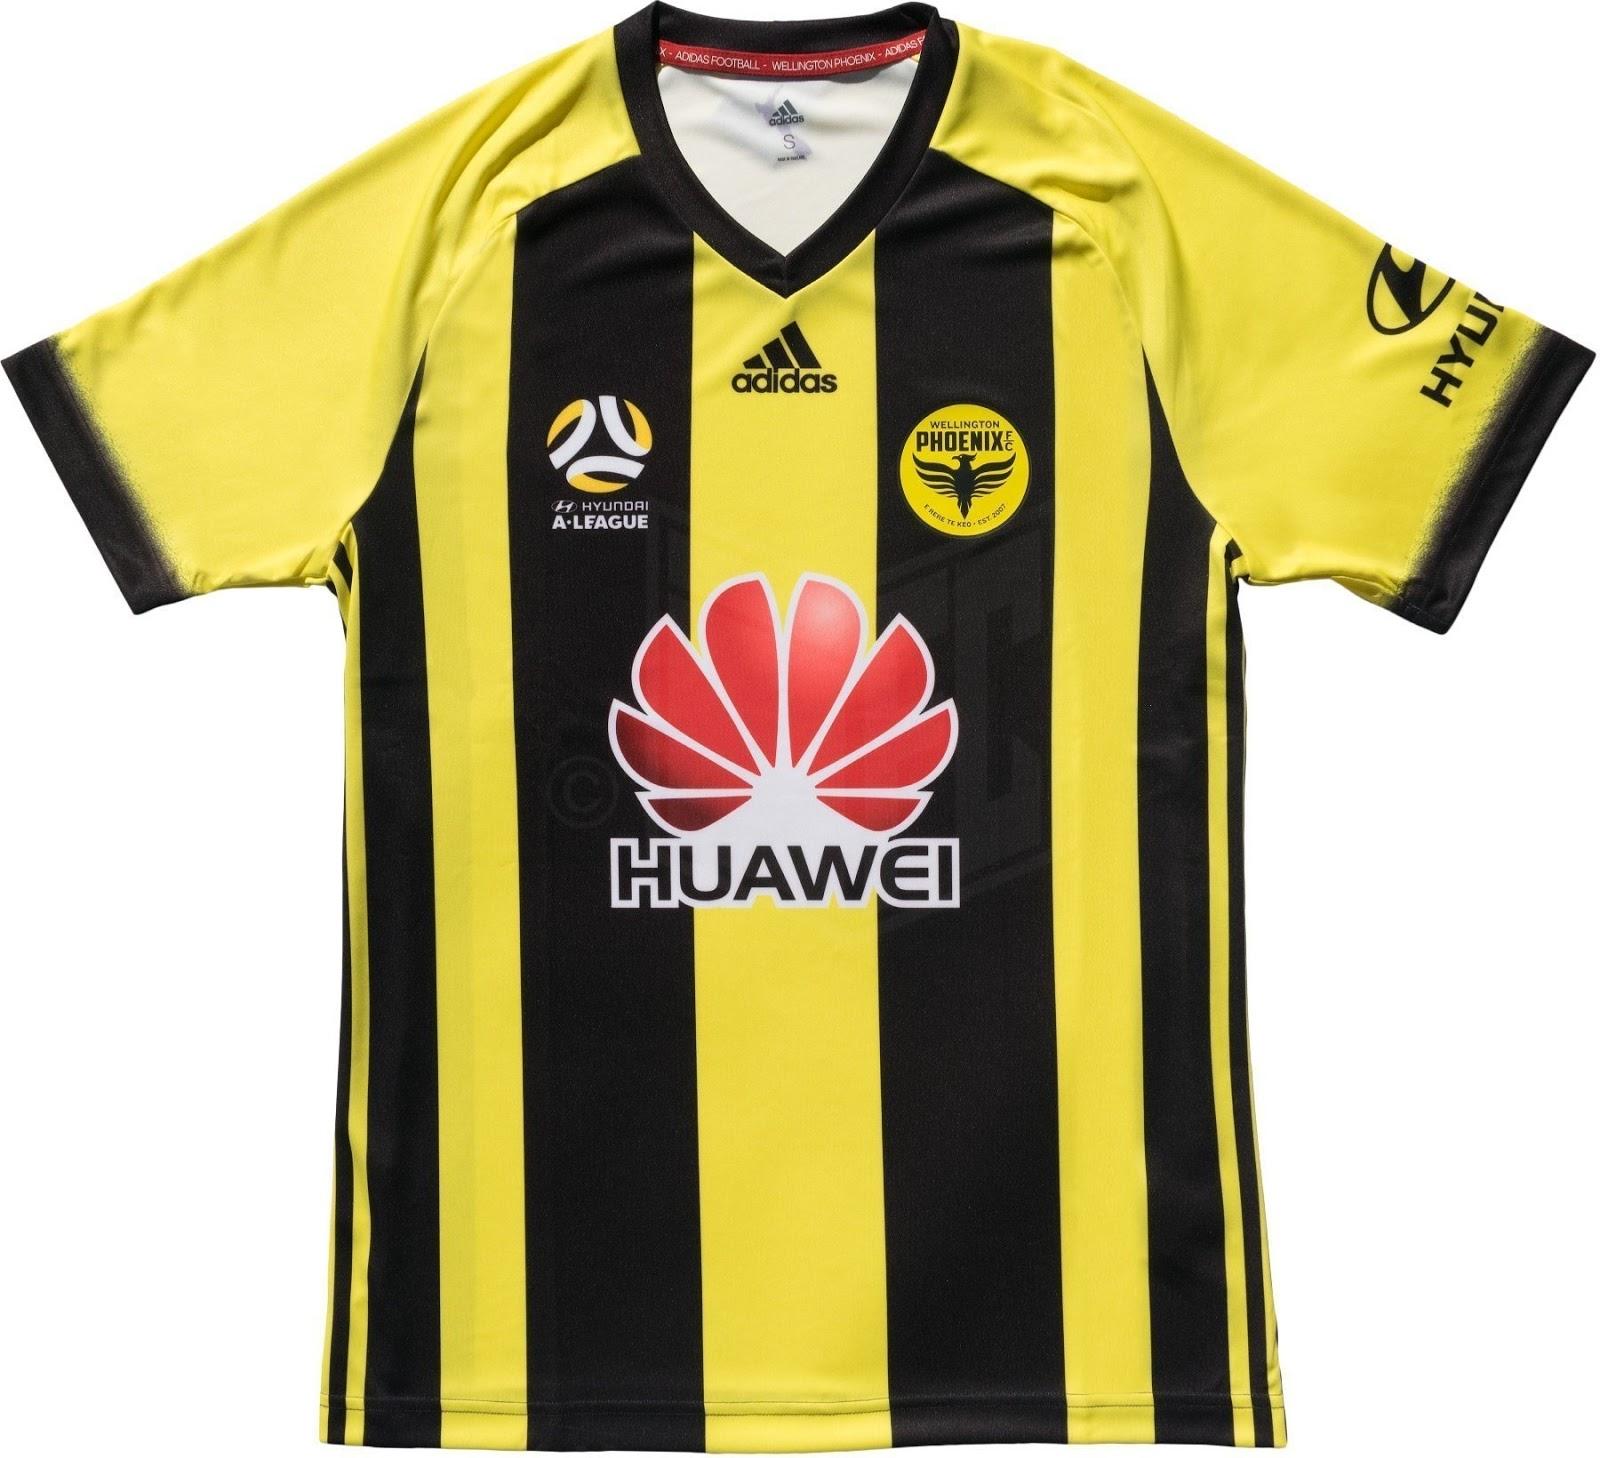 9955d2d621 Adidas divulga as novas camisas do Wellington Phoenix - Show de Camisas